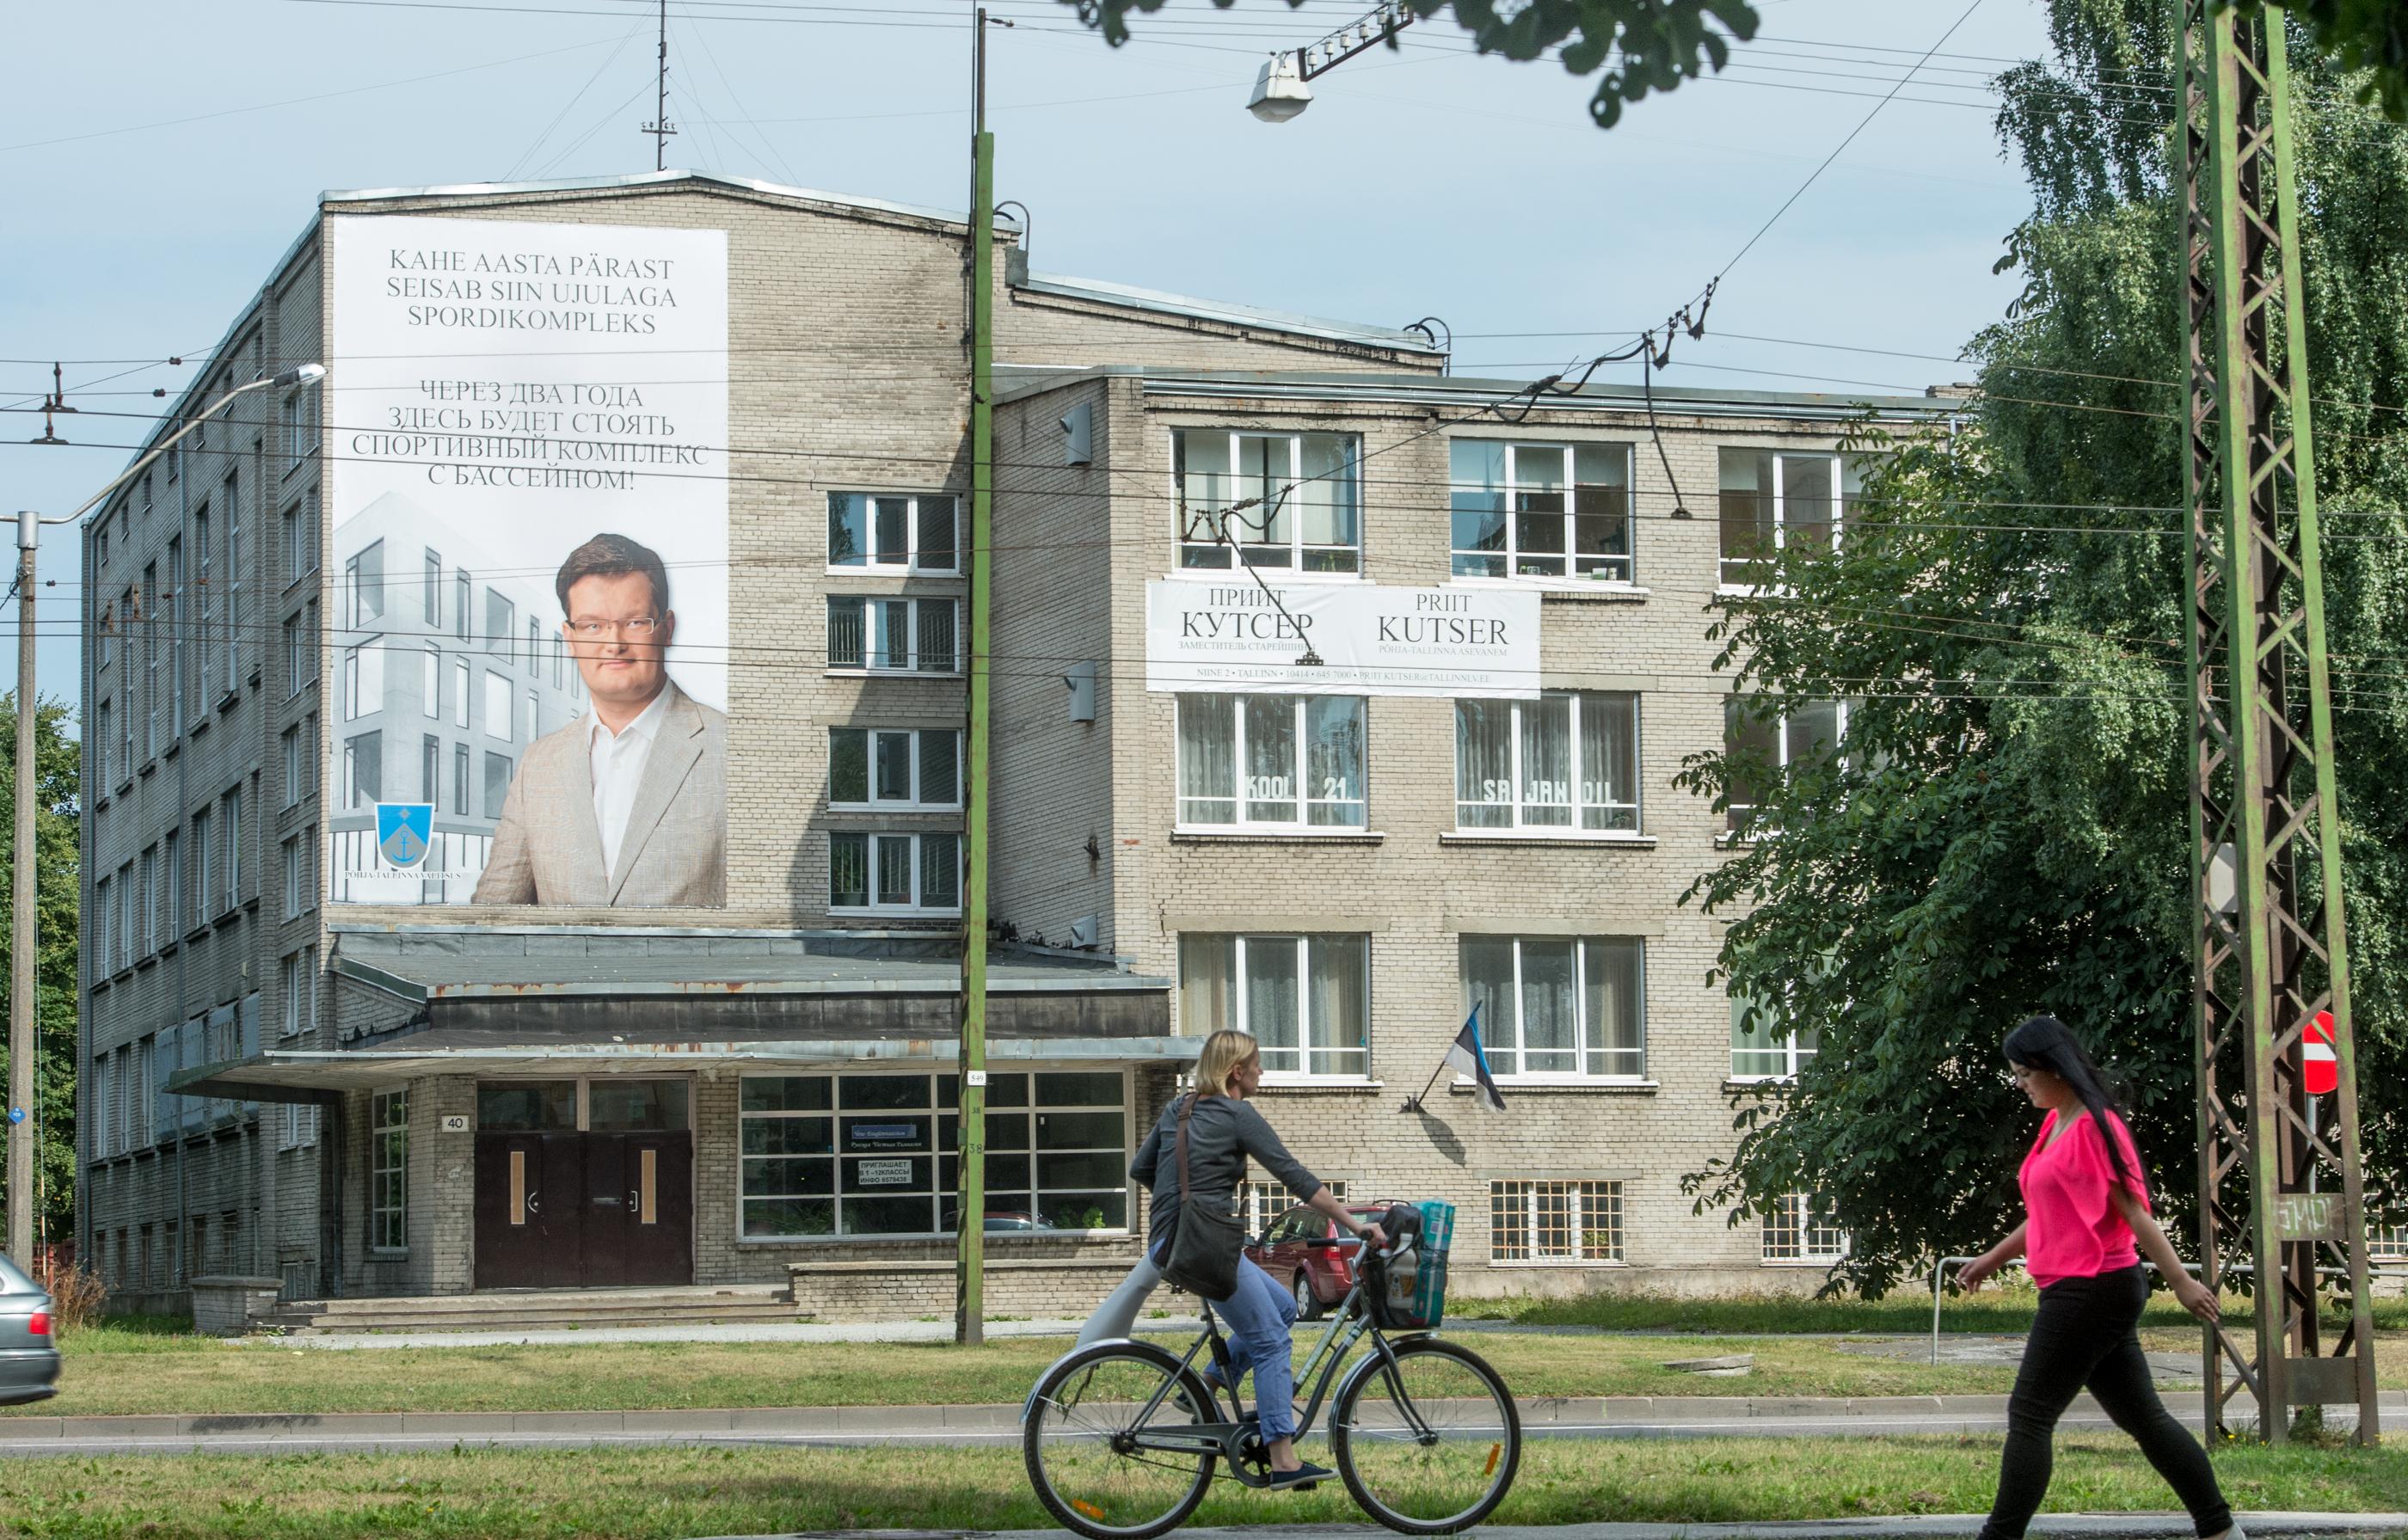 Põhja-Tallinna linnaosavanema asetäitja Priit Kutser reklaam